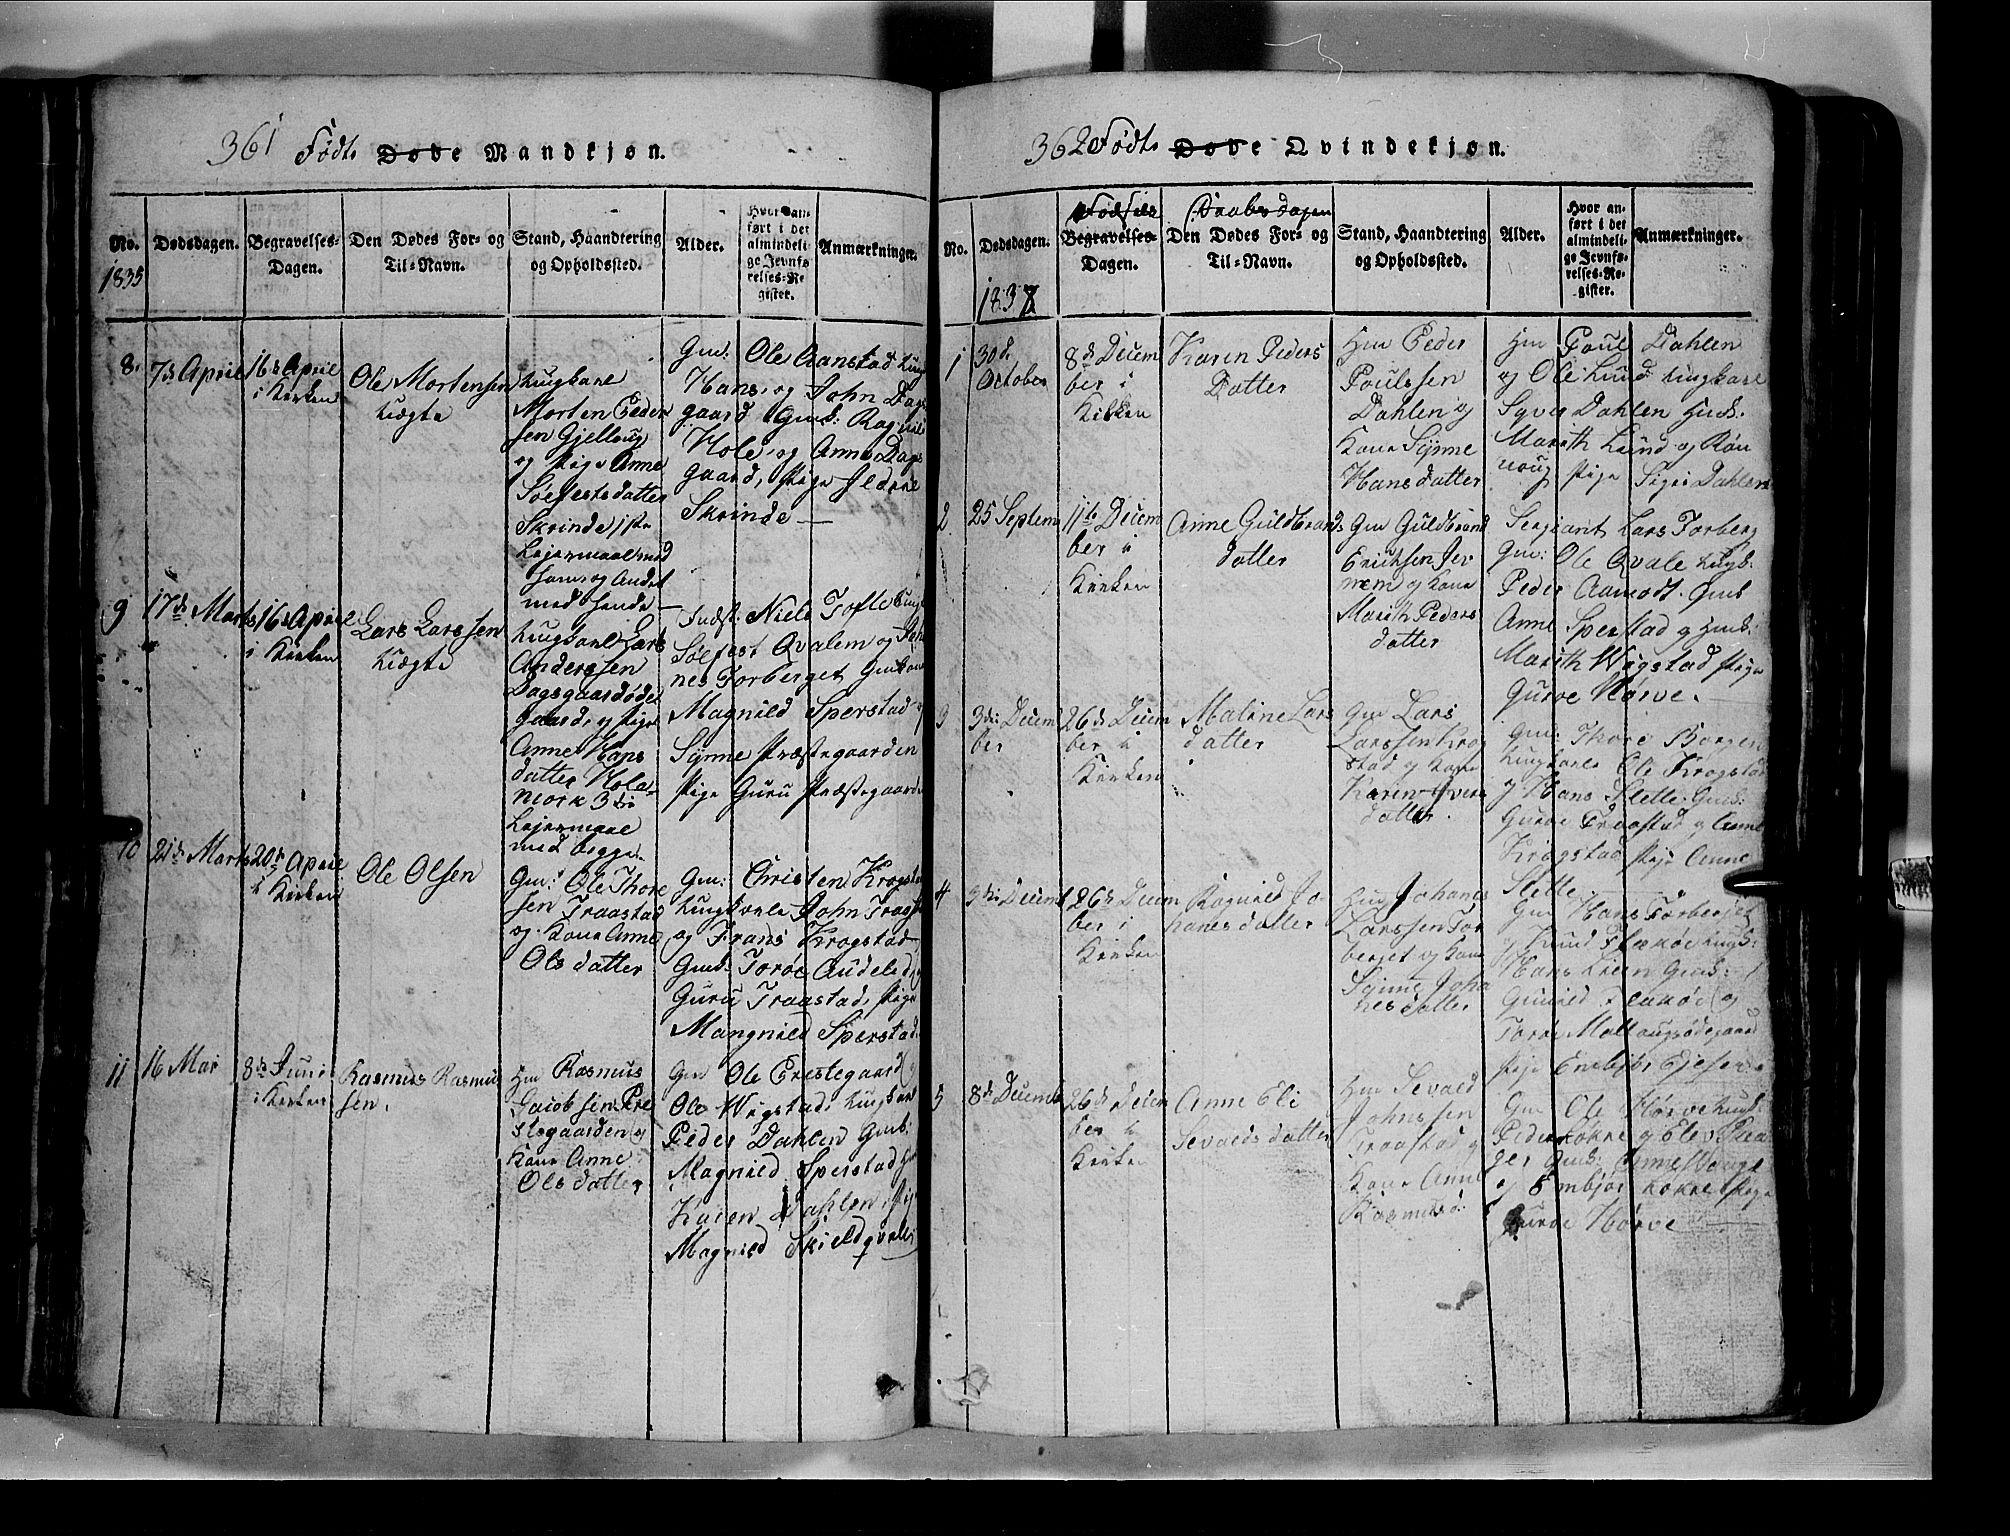 SAH, Lom prestekontor, L/L0003: Klokkerbok nr. 3, 1815-1844, s. 361-362